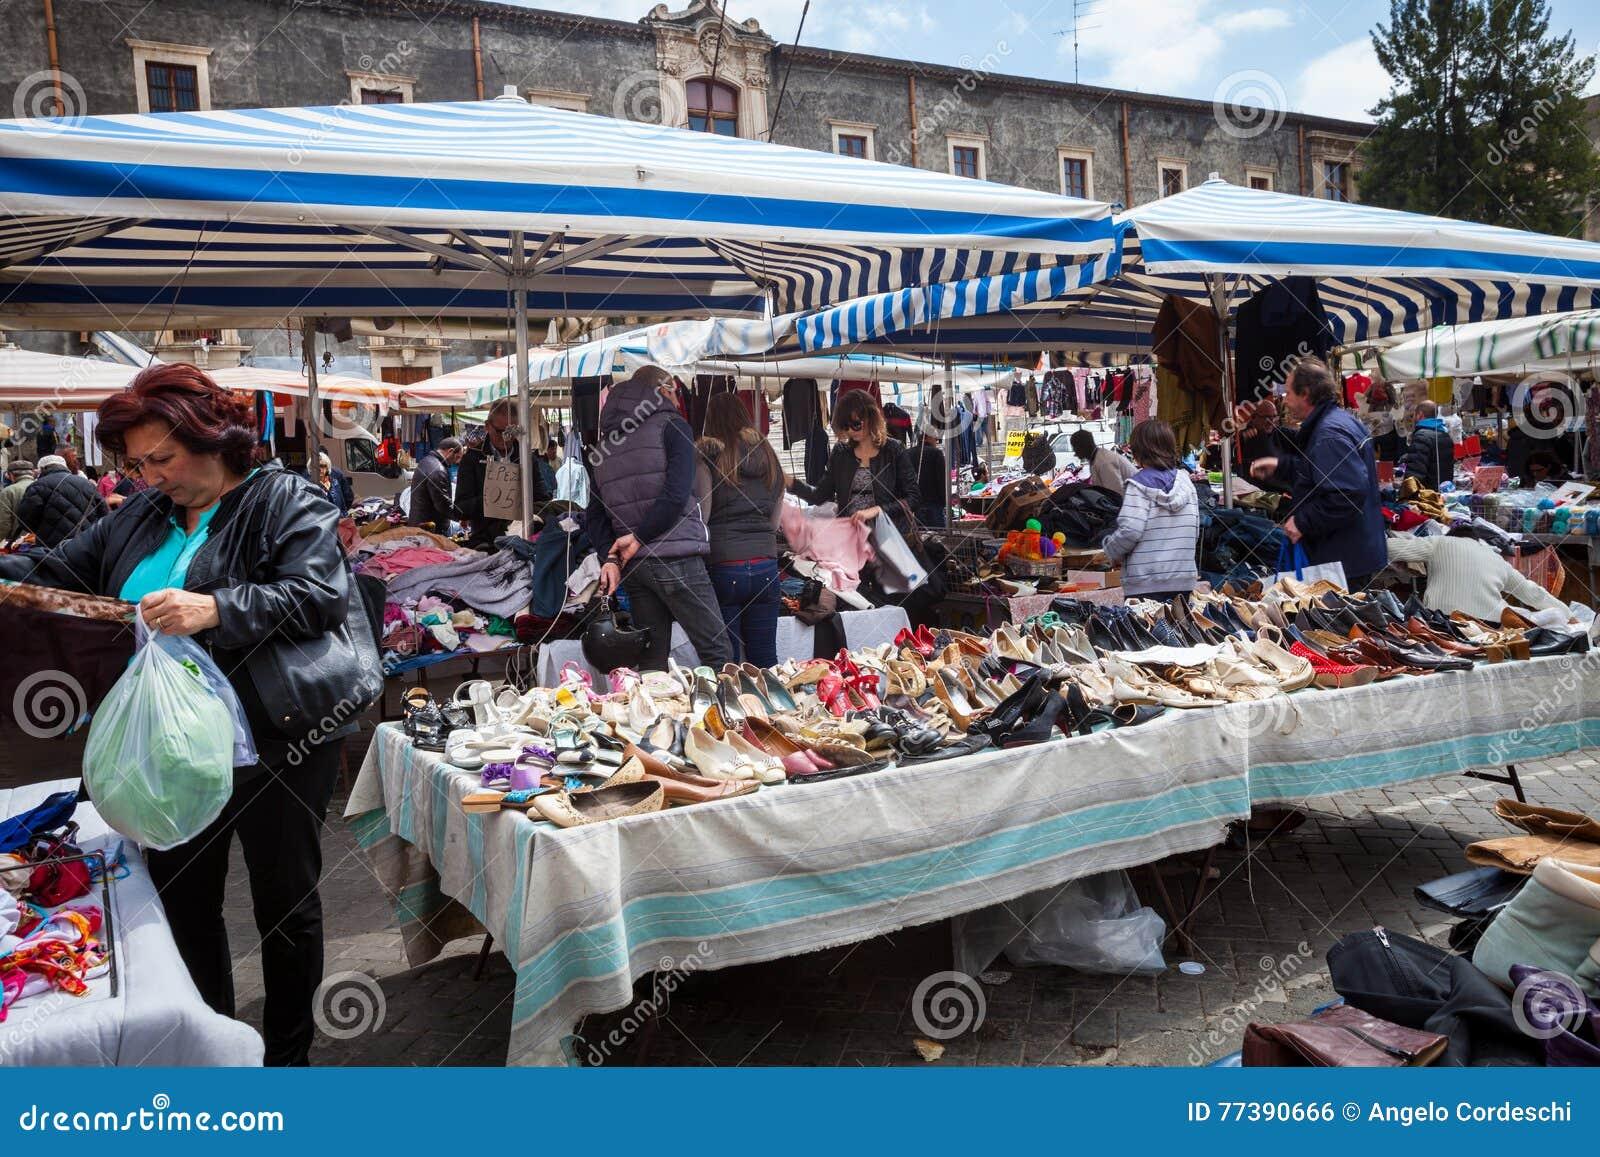 dfd4cd62fc807 Mercato Siciliano Dell aria Aperta Della Seconda Mano Catania ...